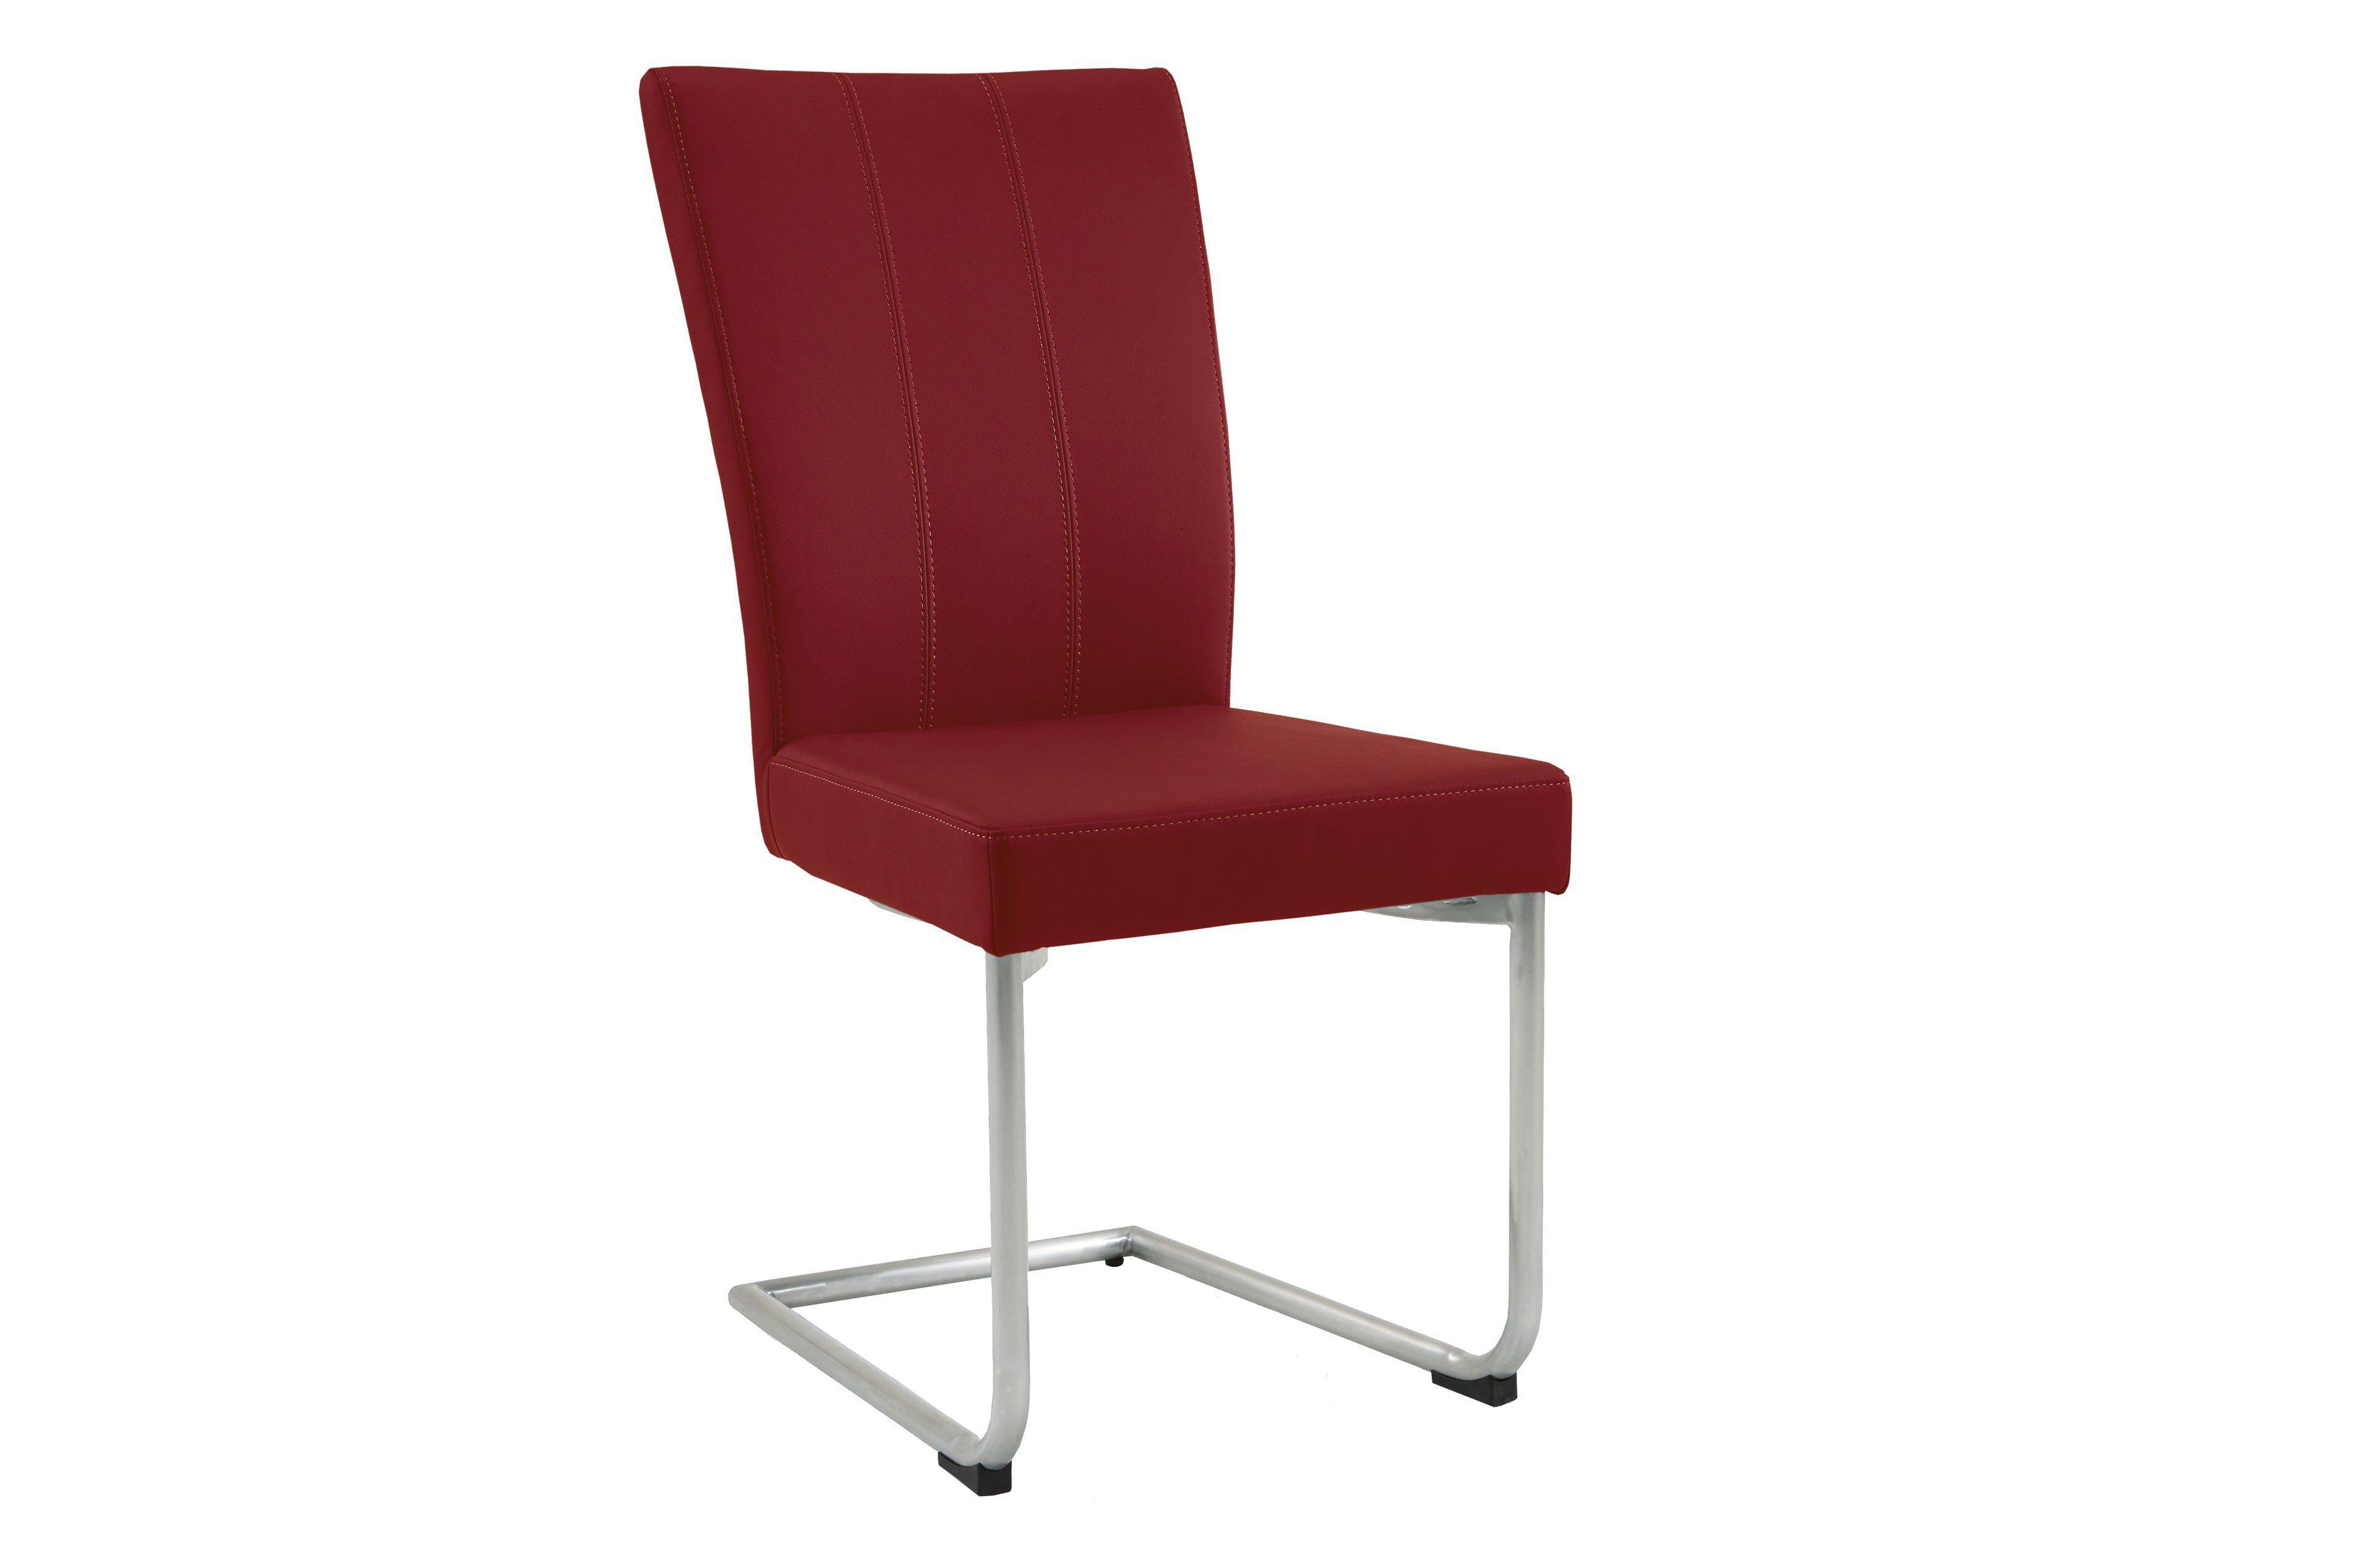 Niehoff Sitzmöbel Schwingstuhl Leonardo   Möbel Letz - Ihr Online-Shop